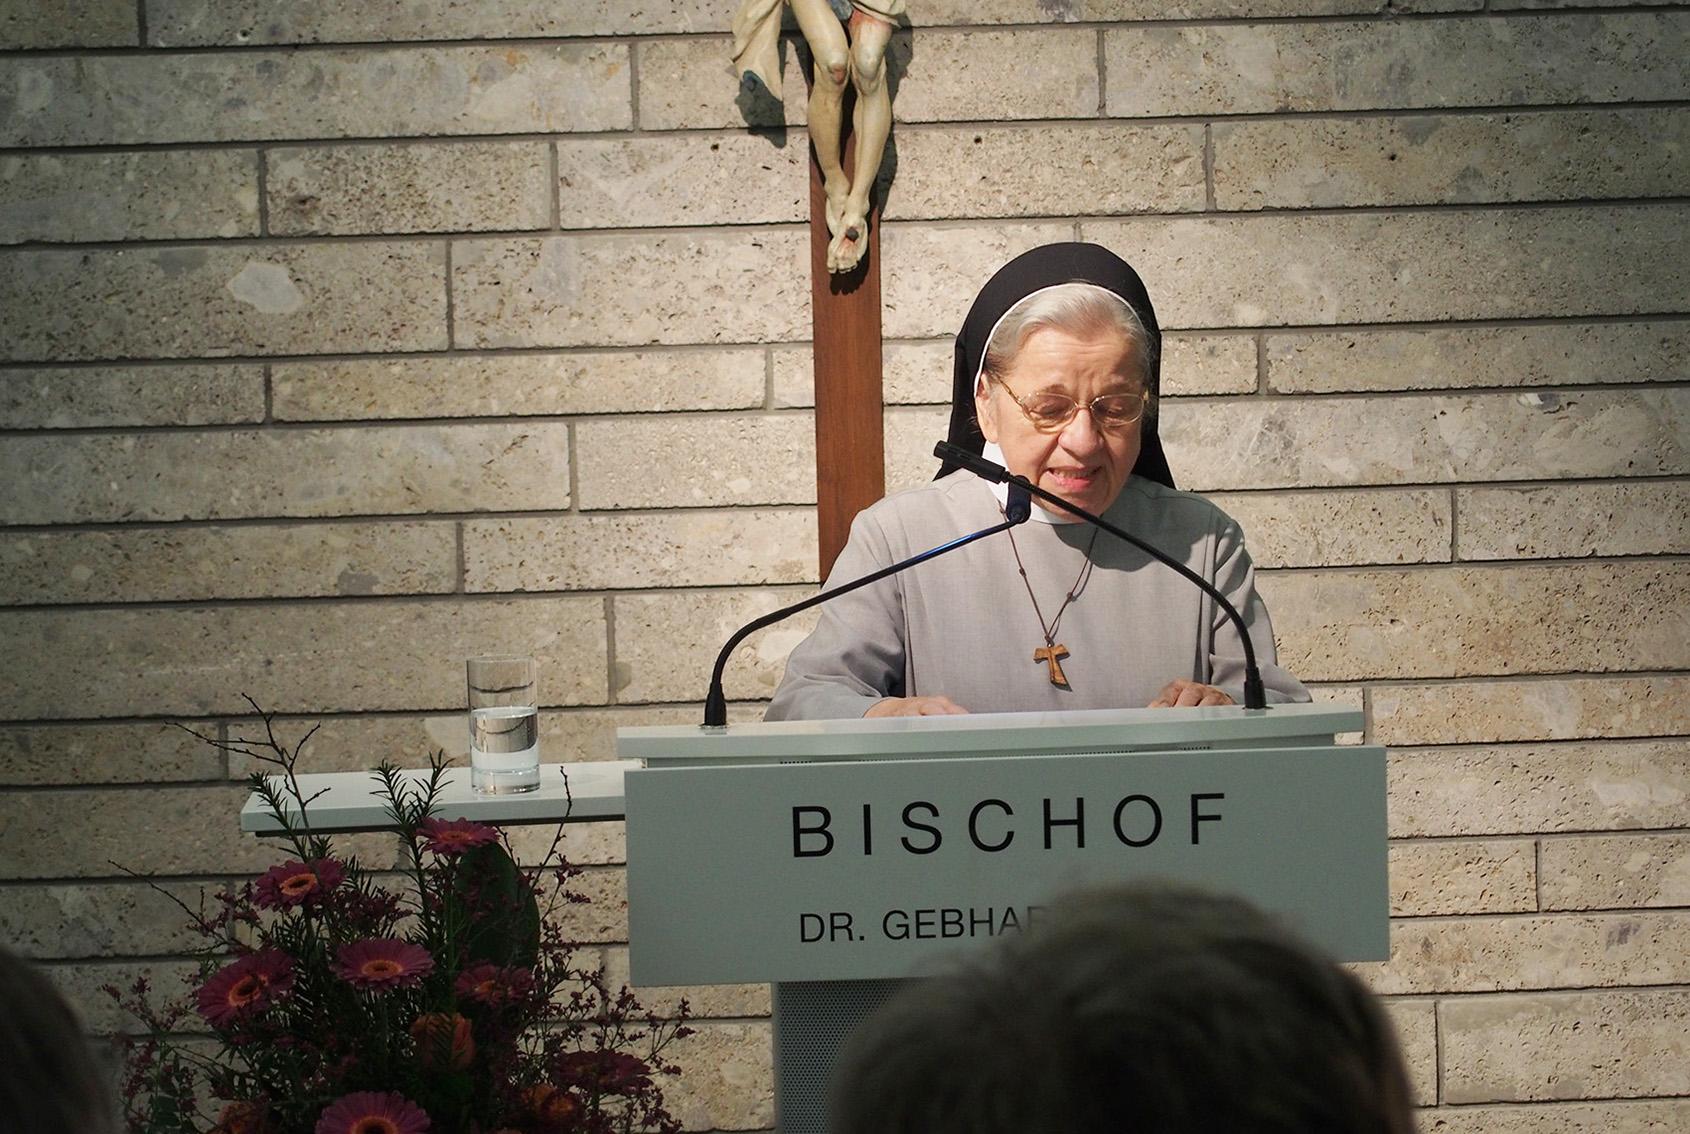 Rede Von Sr. M. Sigmunda Beim Festakt